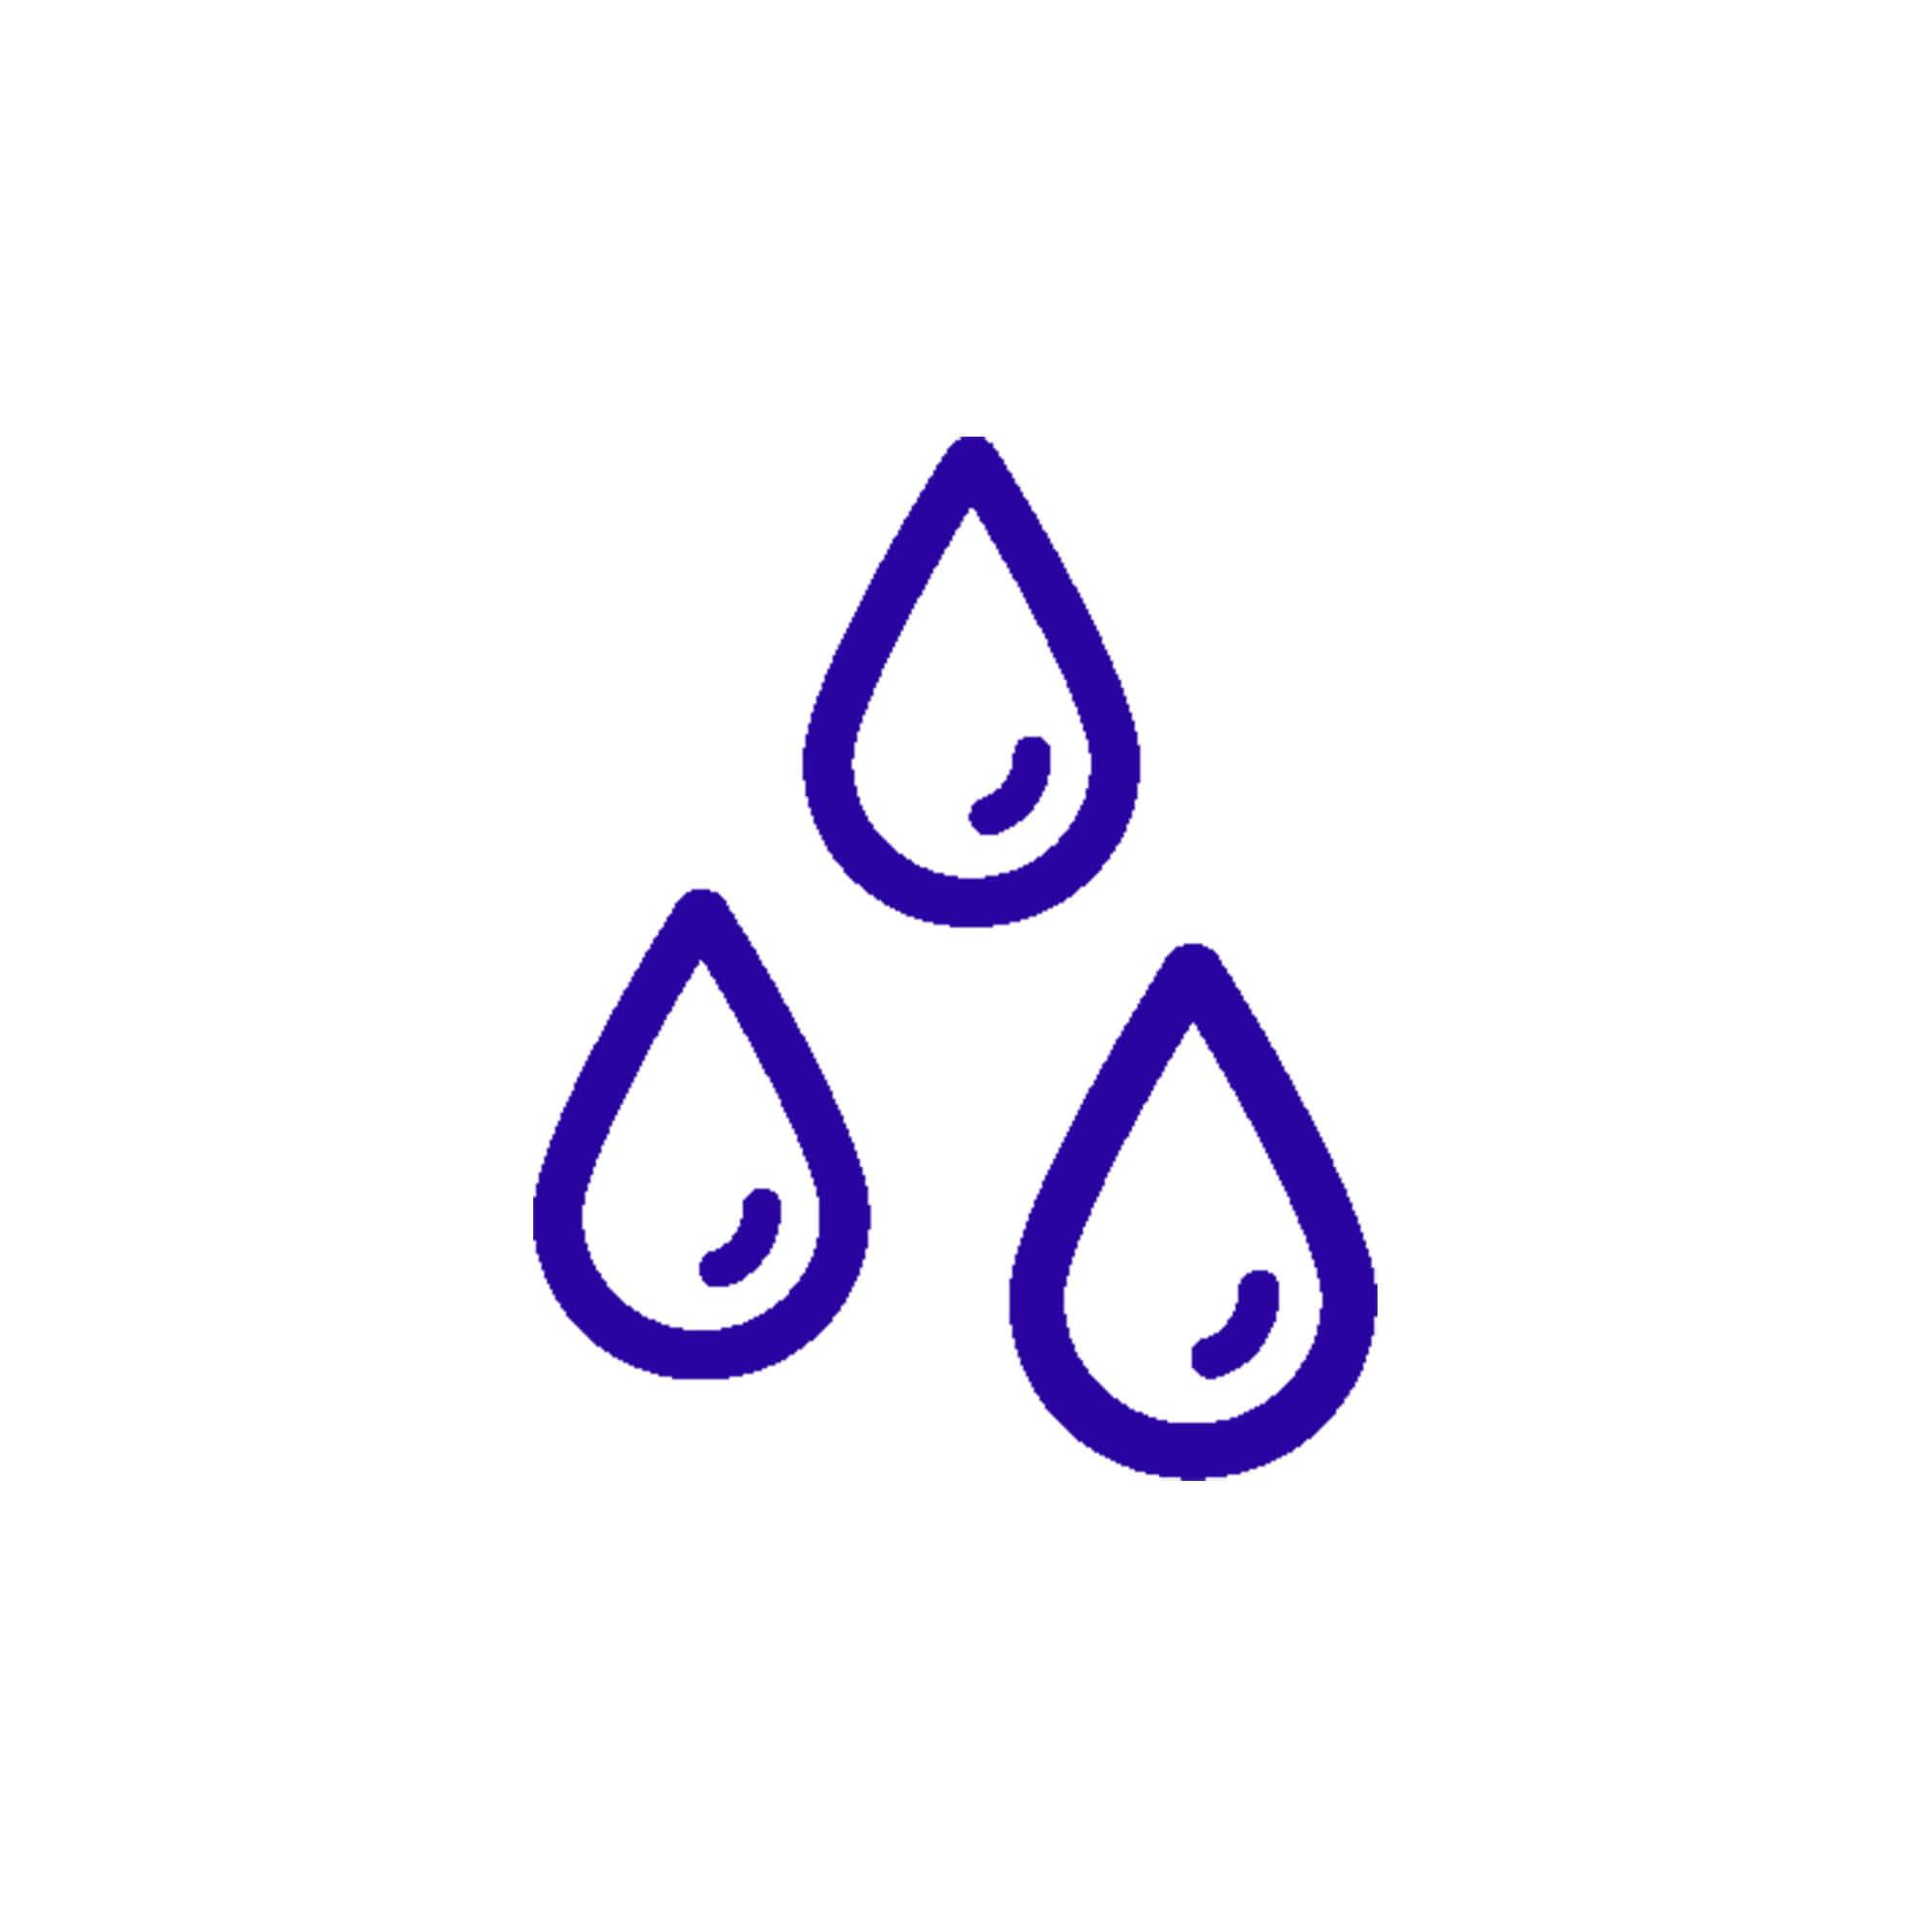 humidity detection icon